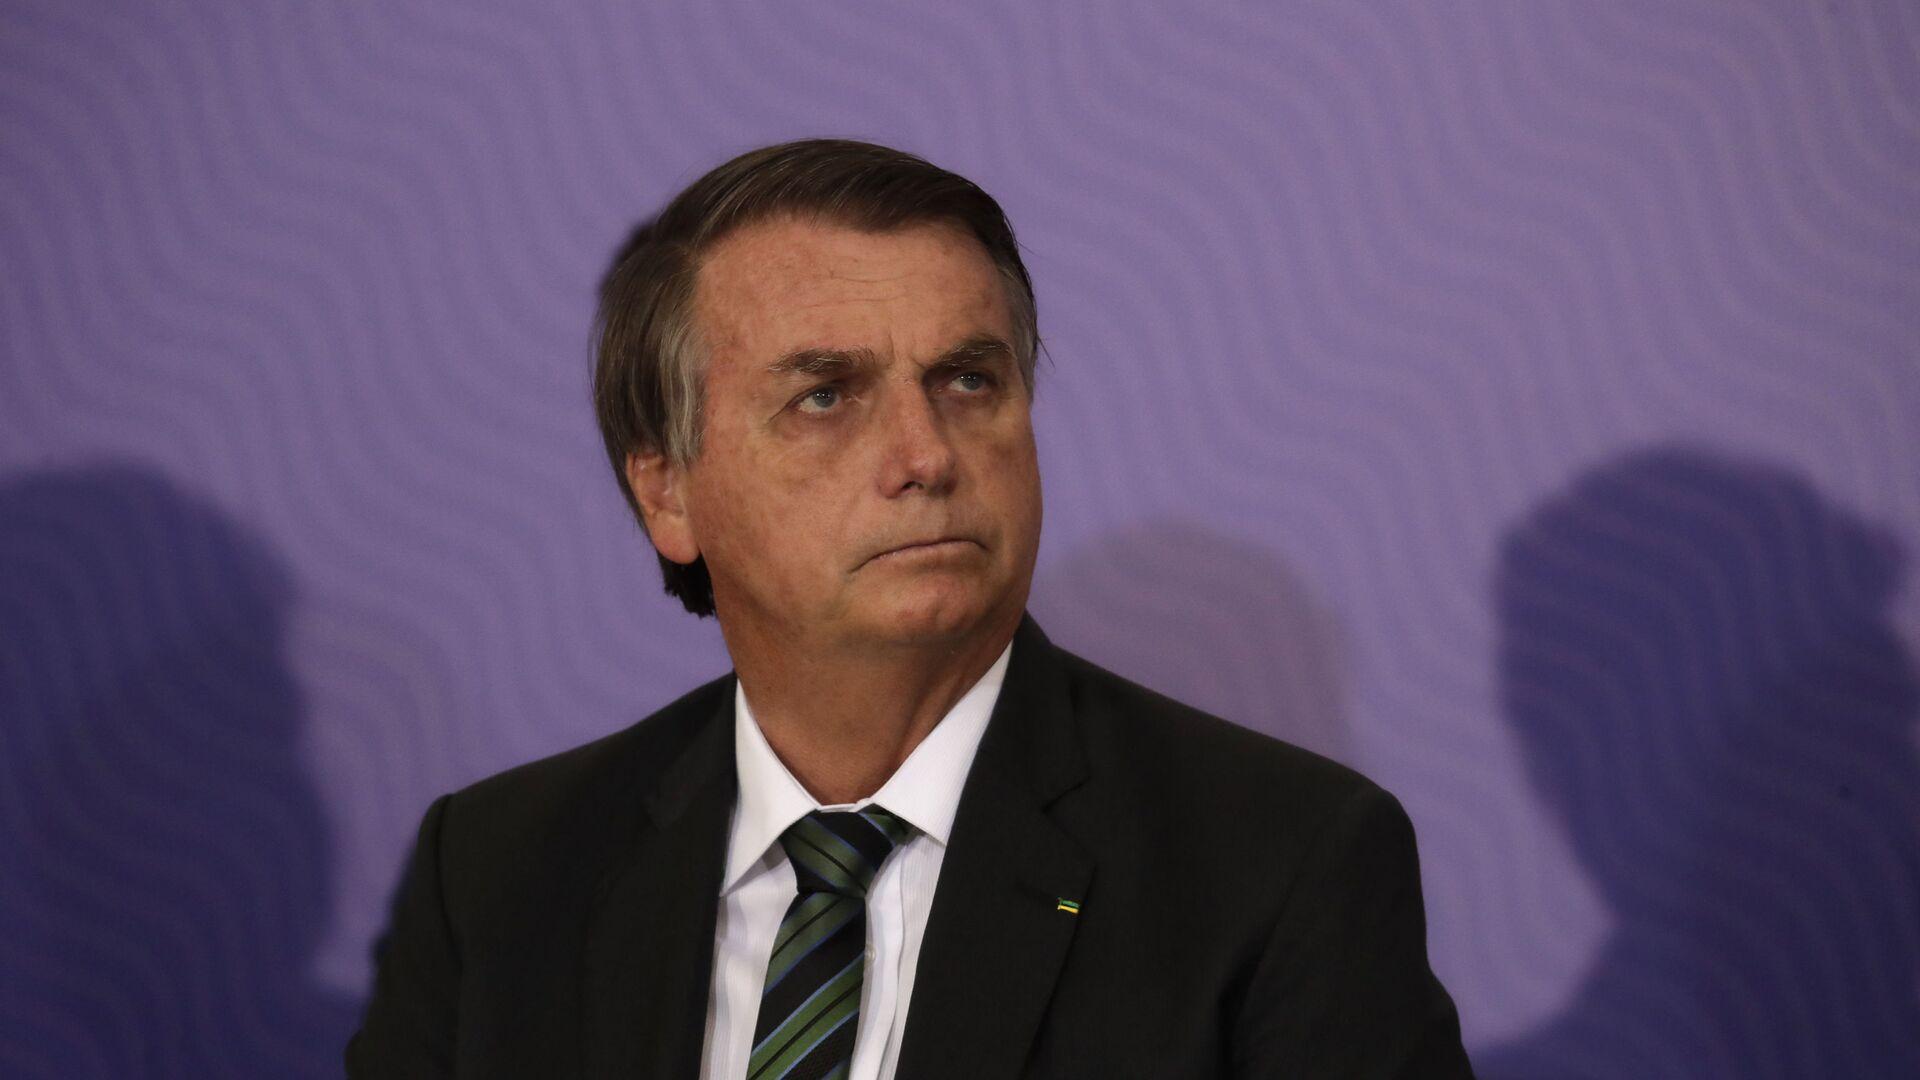 Jair Bolsonaro, presidente del Brasile - Sputnik Italia, 1920, 22.07.2021